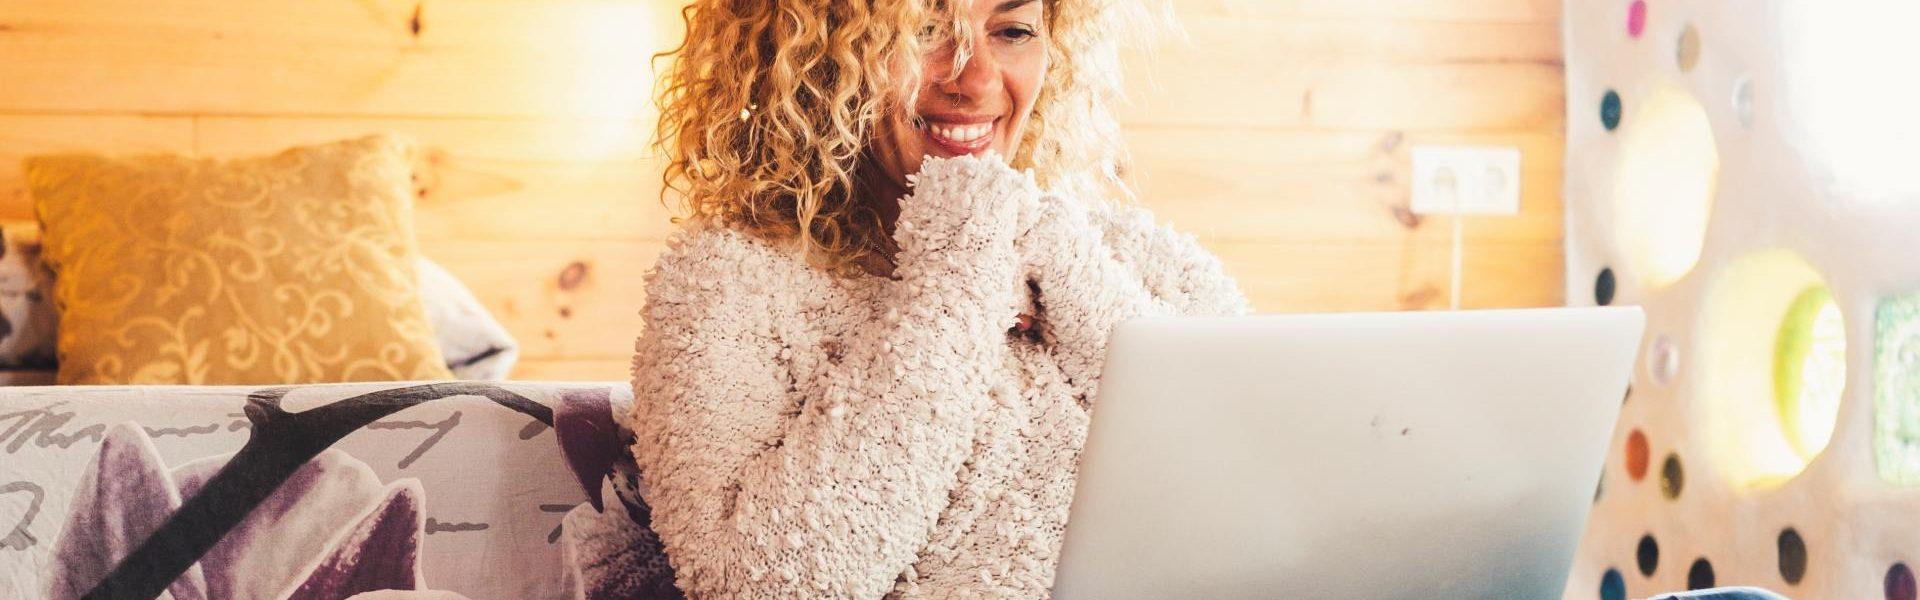 Beautifulyoung adult woman use technology